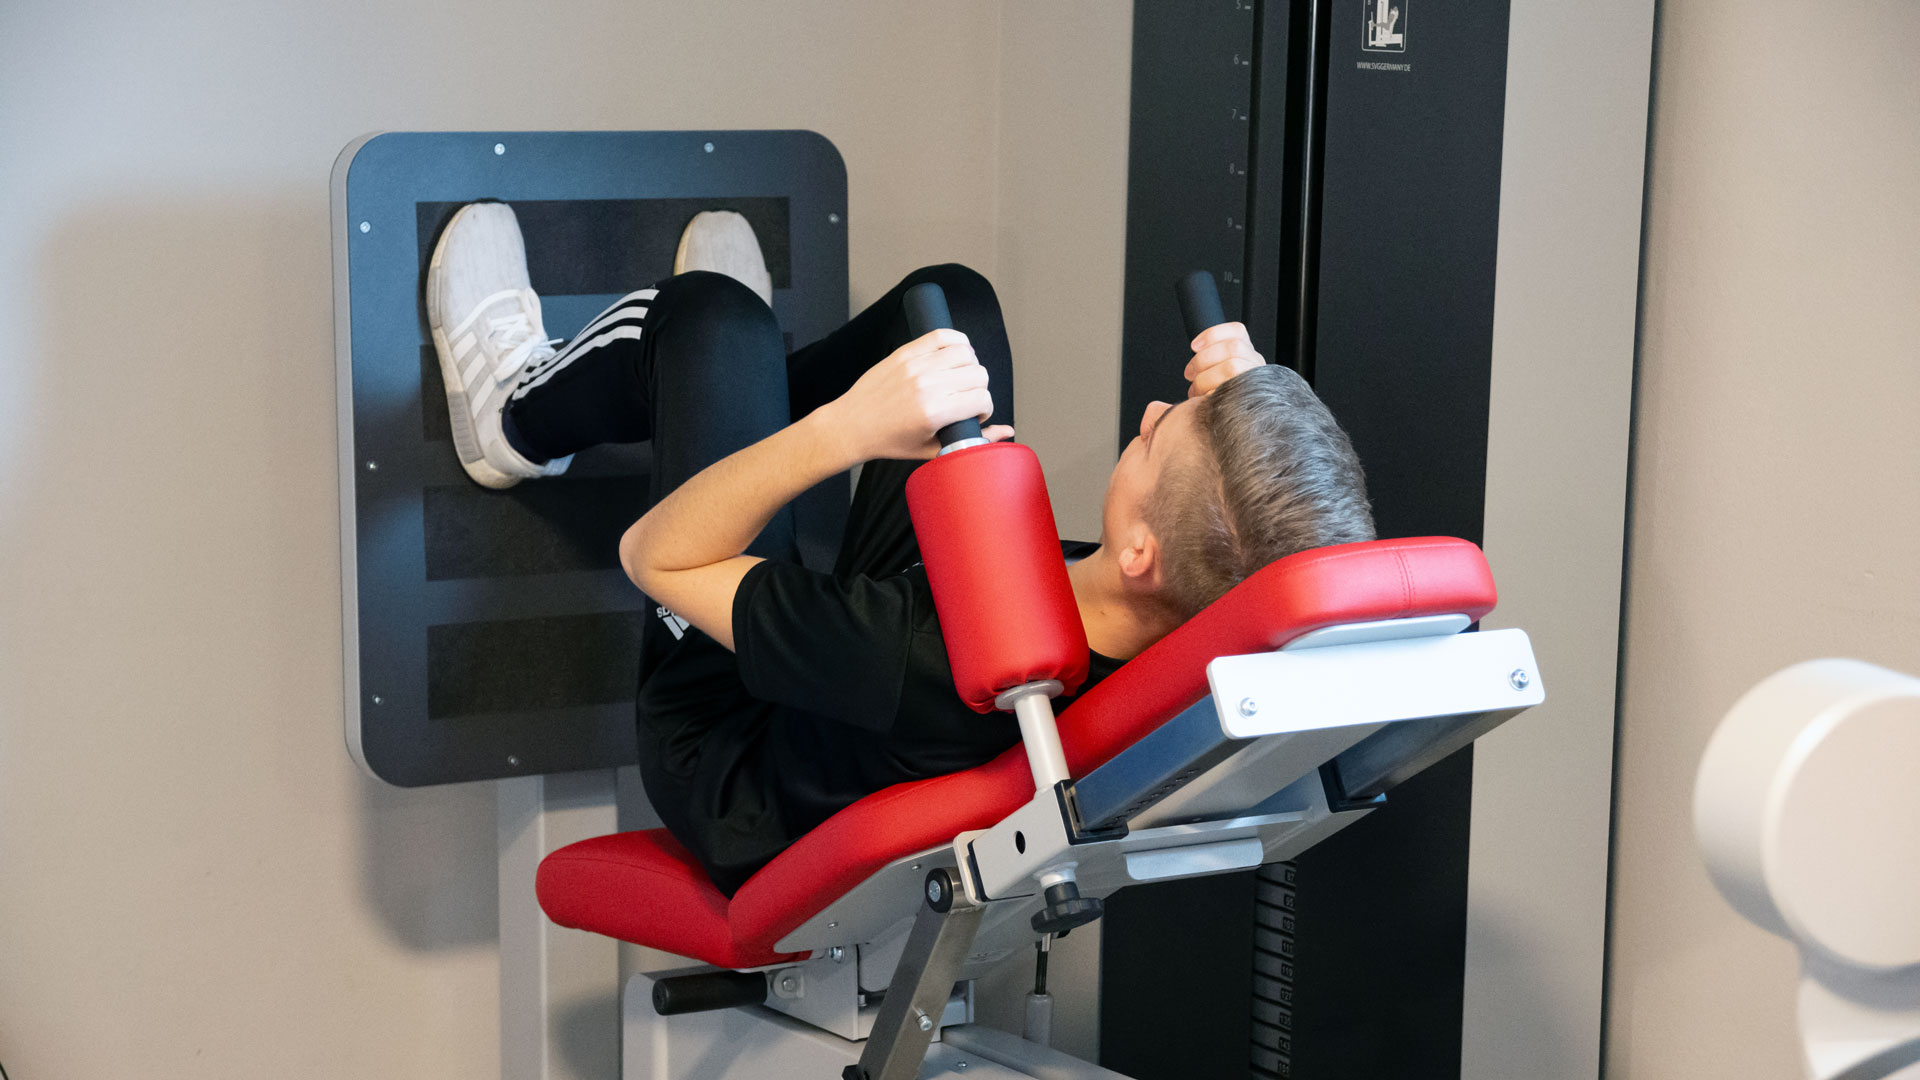 rhoenfit_fitnessstudio_bertsch_020319_03